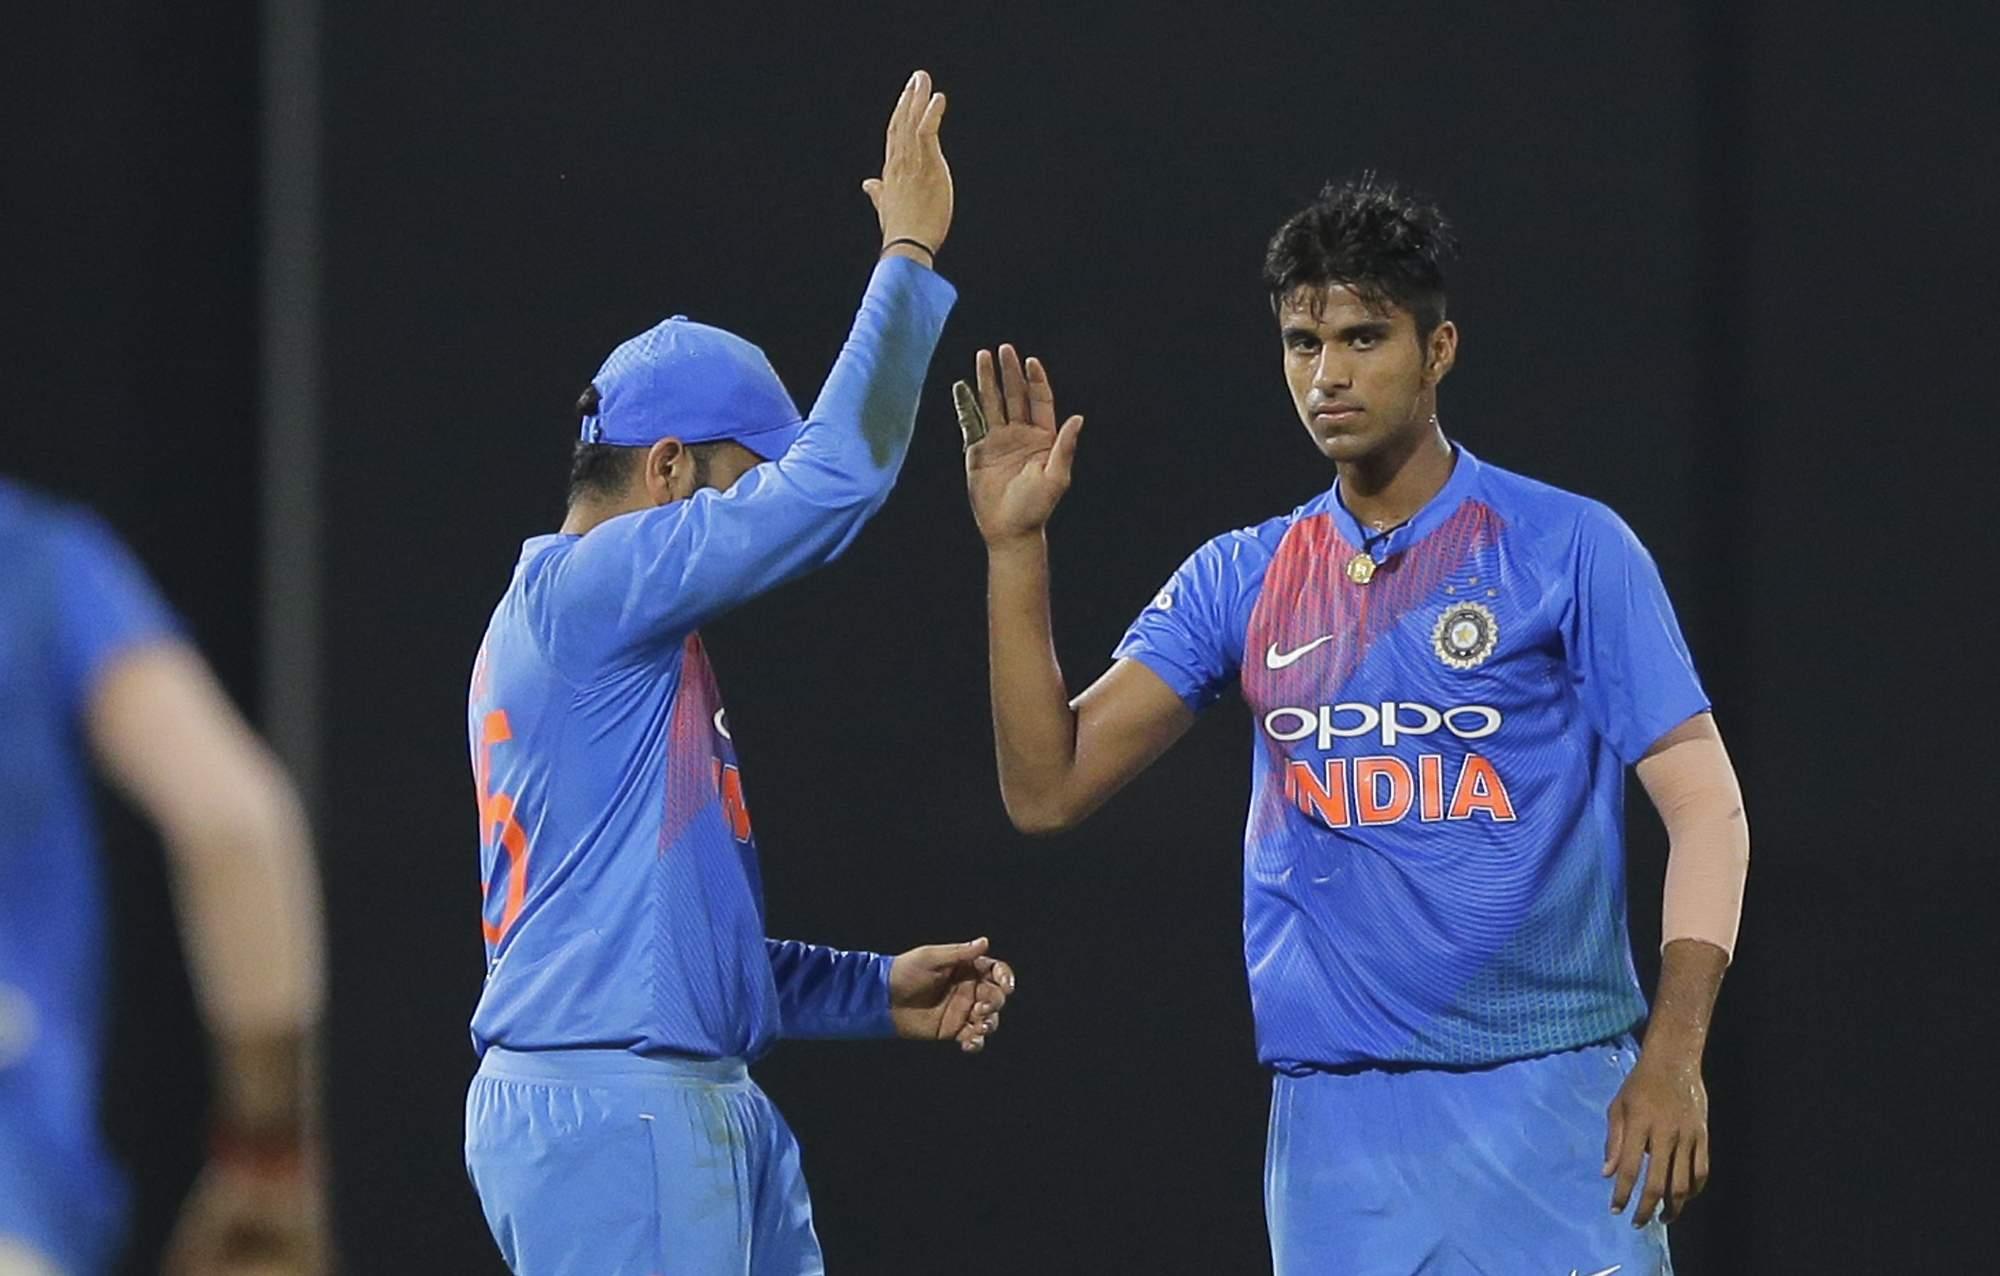 इंग्लैंड दौरे से पहले ही भयभीत है भारतीय टीम का यह खिलाड़ी 20